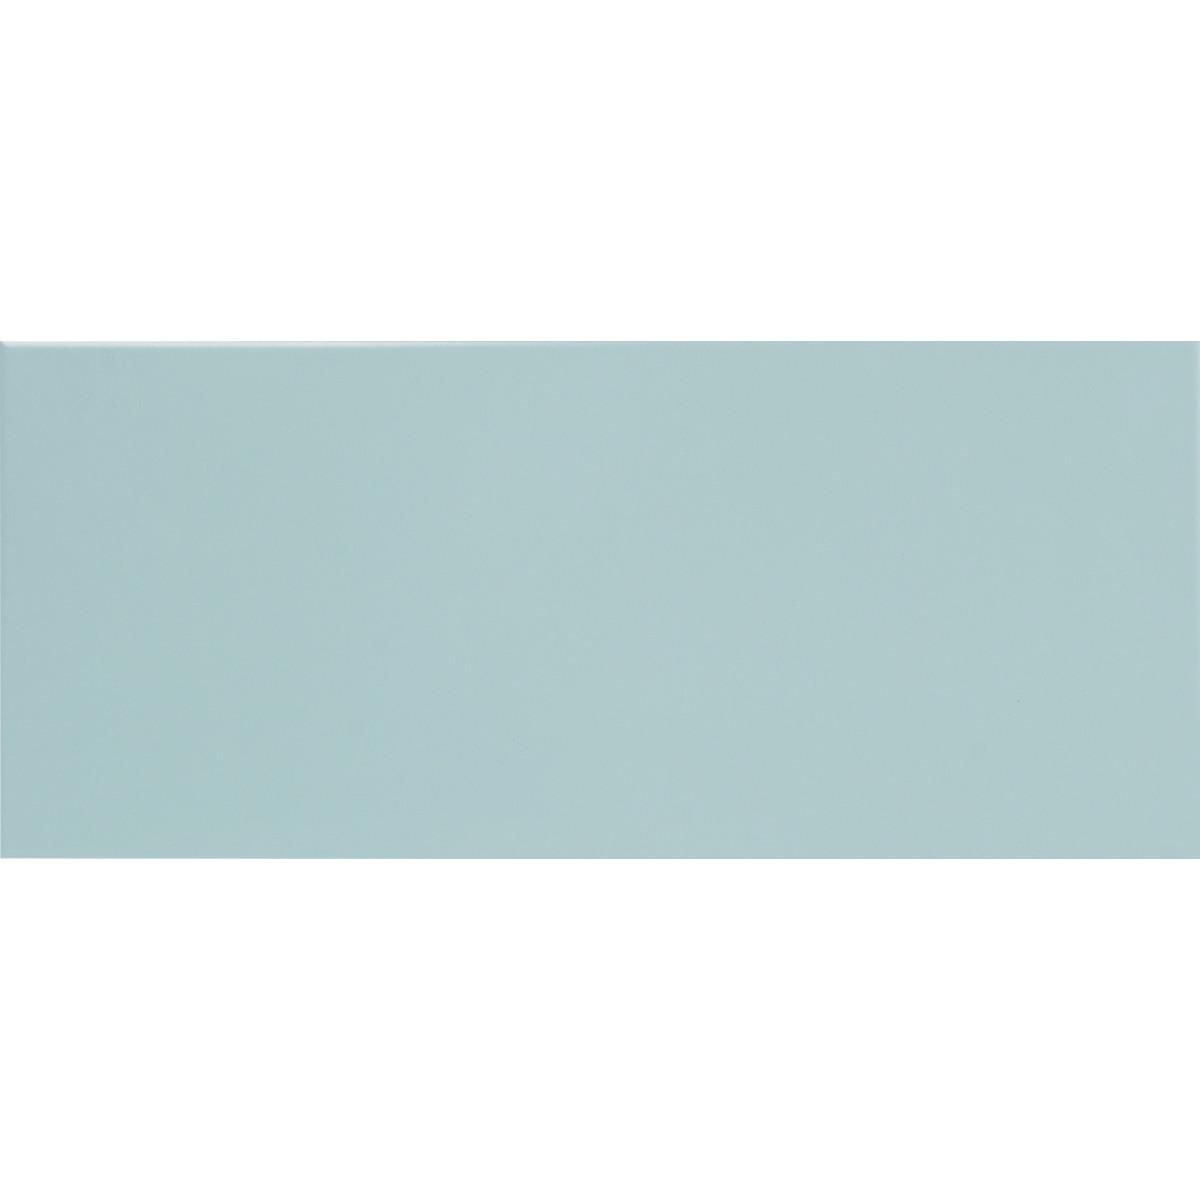 Плитка наcтенная Виньоле 20х50 см 1.2 м2 цвет бирюзовый